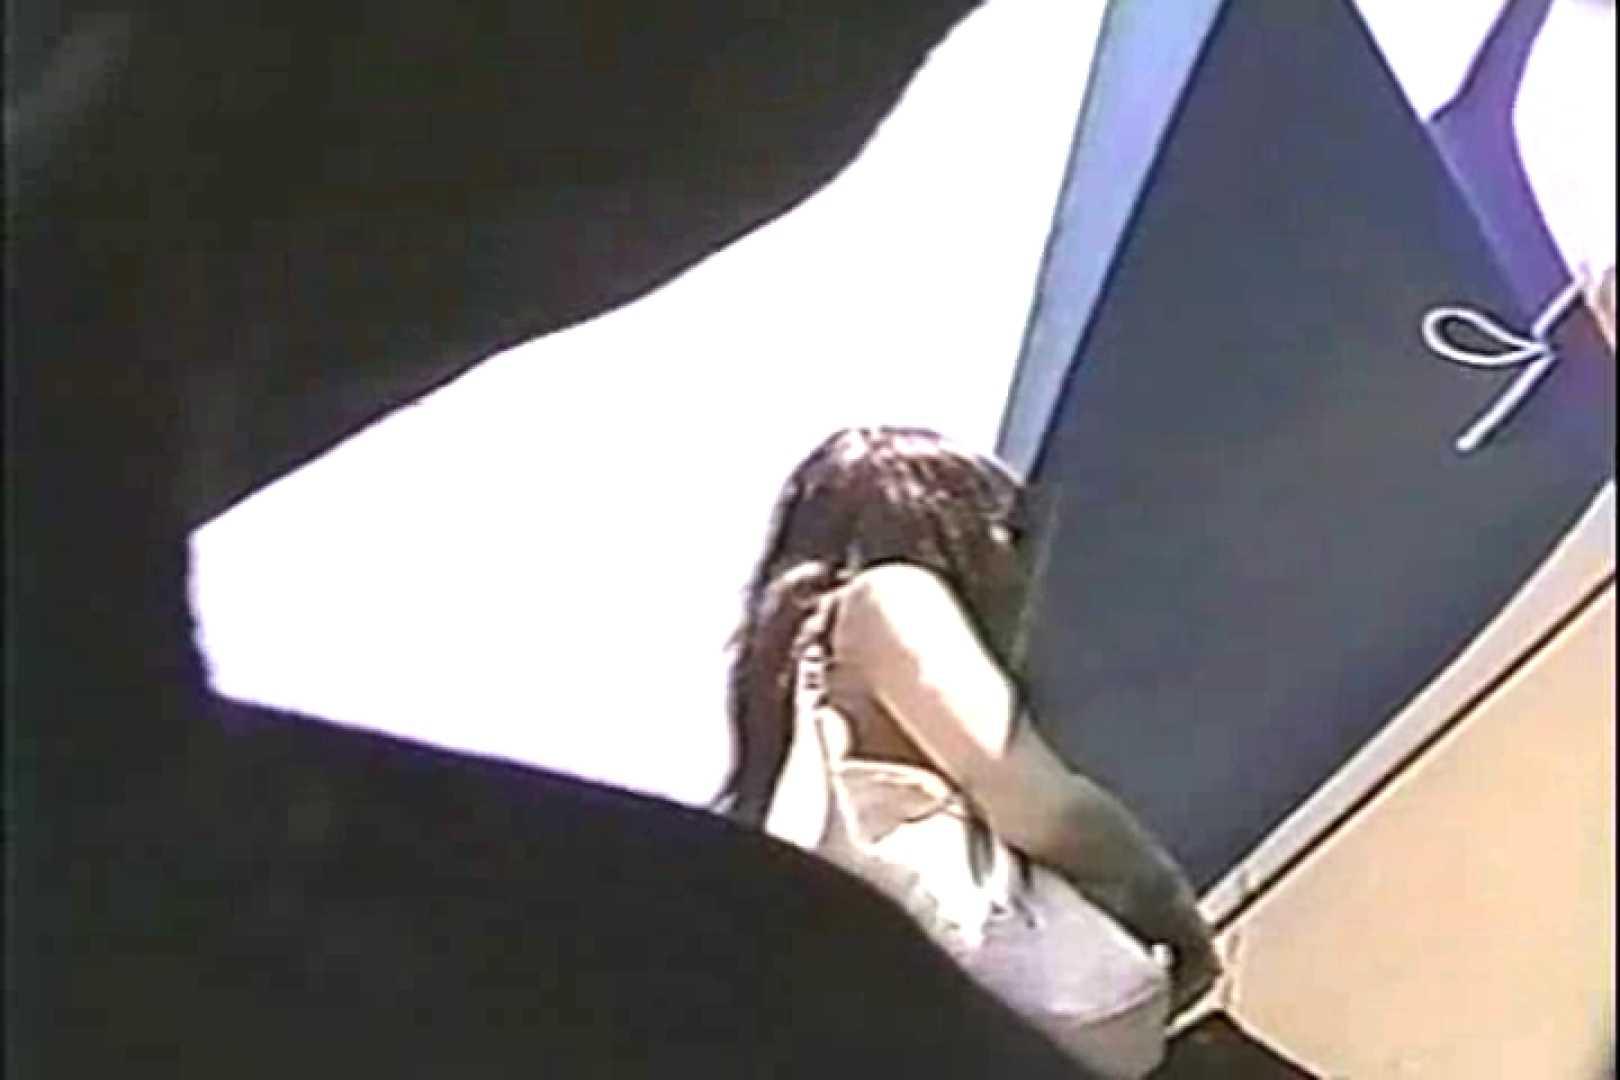 「ちくりん」さんのオリジナル未編集パンチラVol.3_01 パンチラ 盗み撮り動画キャプチャ 100画像 94